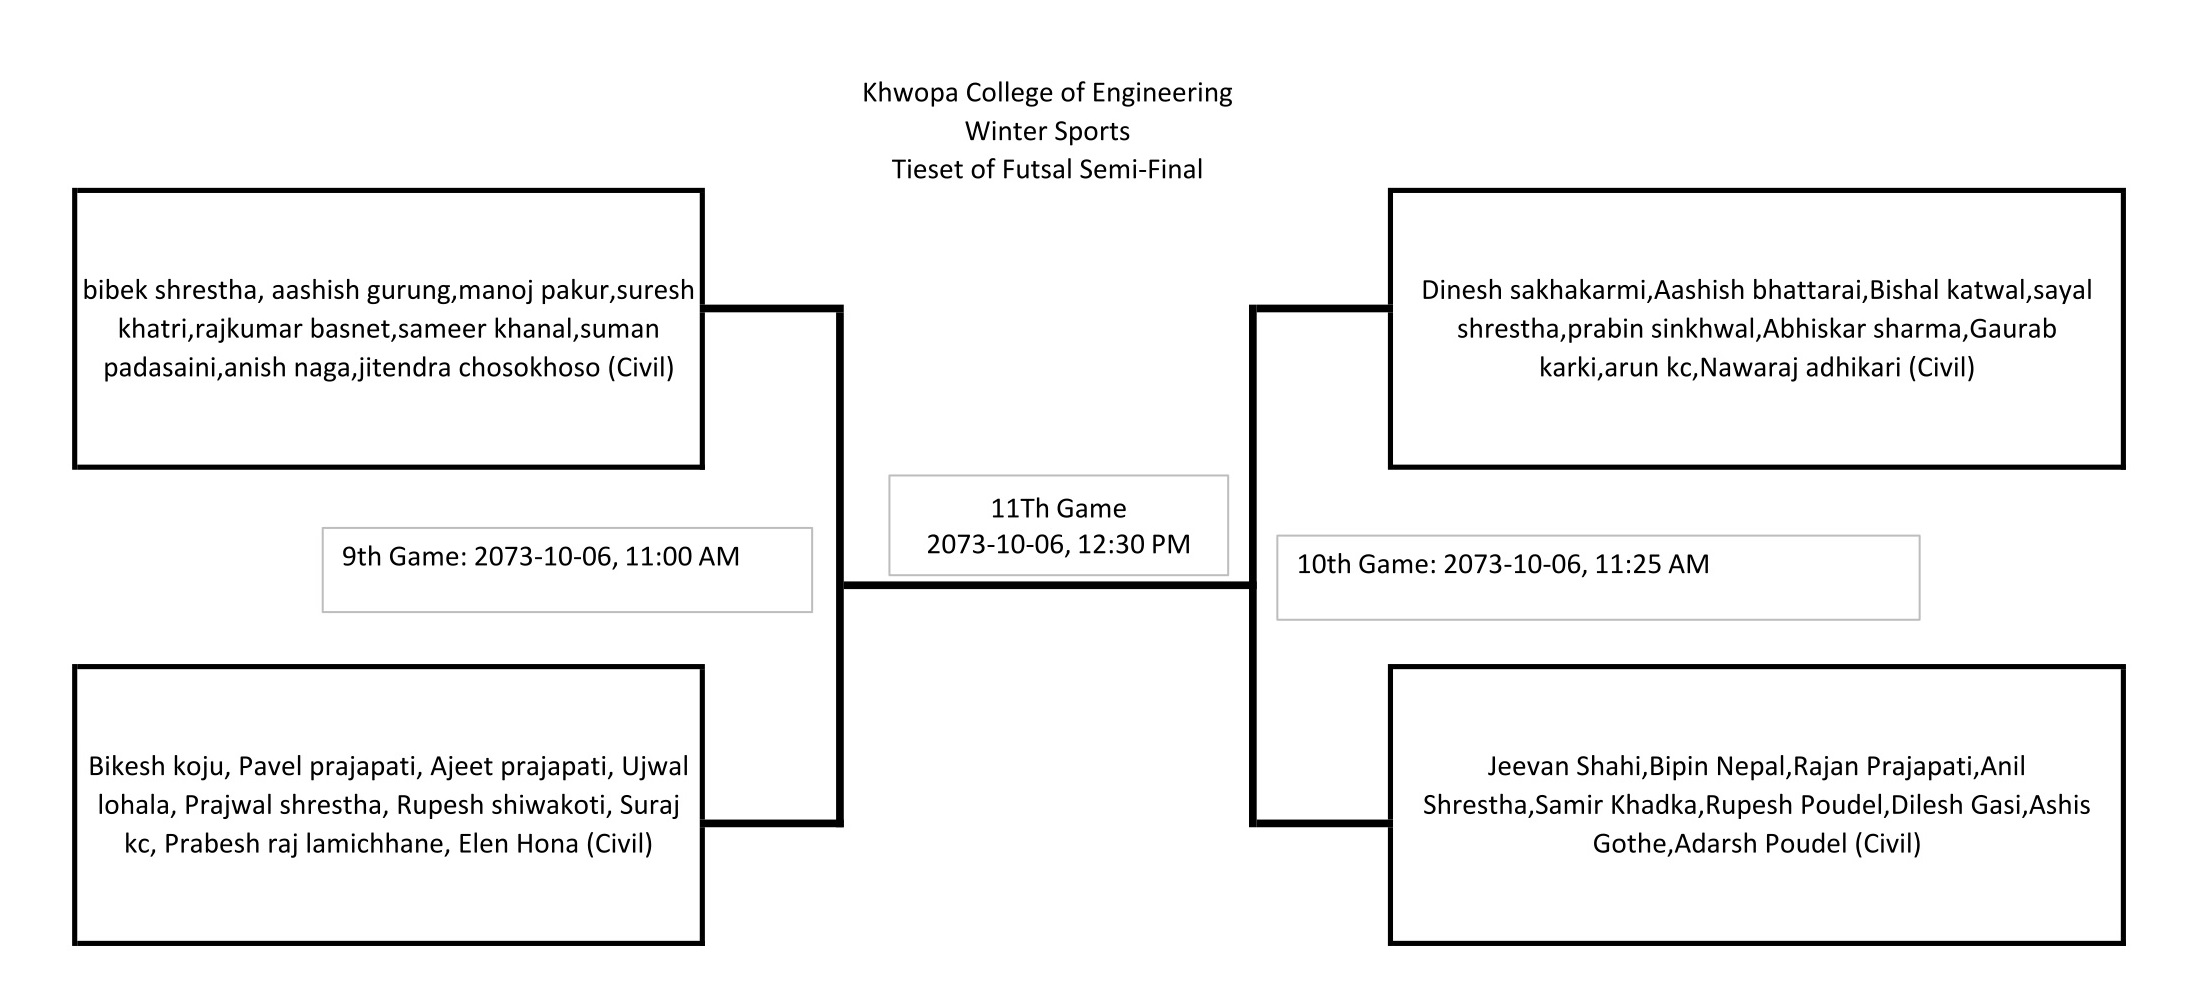 Semi-Final Tie-set of Futsal